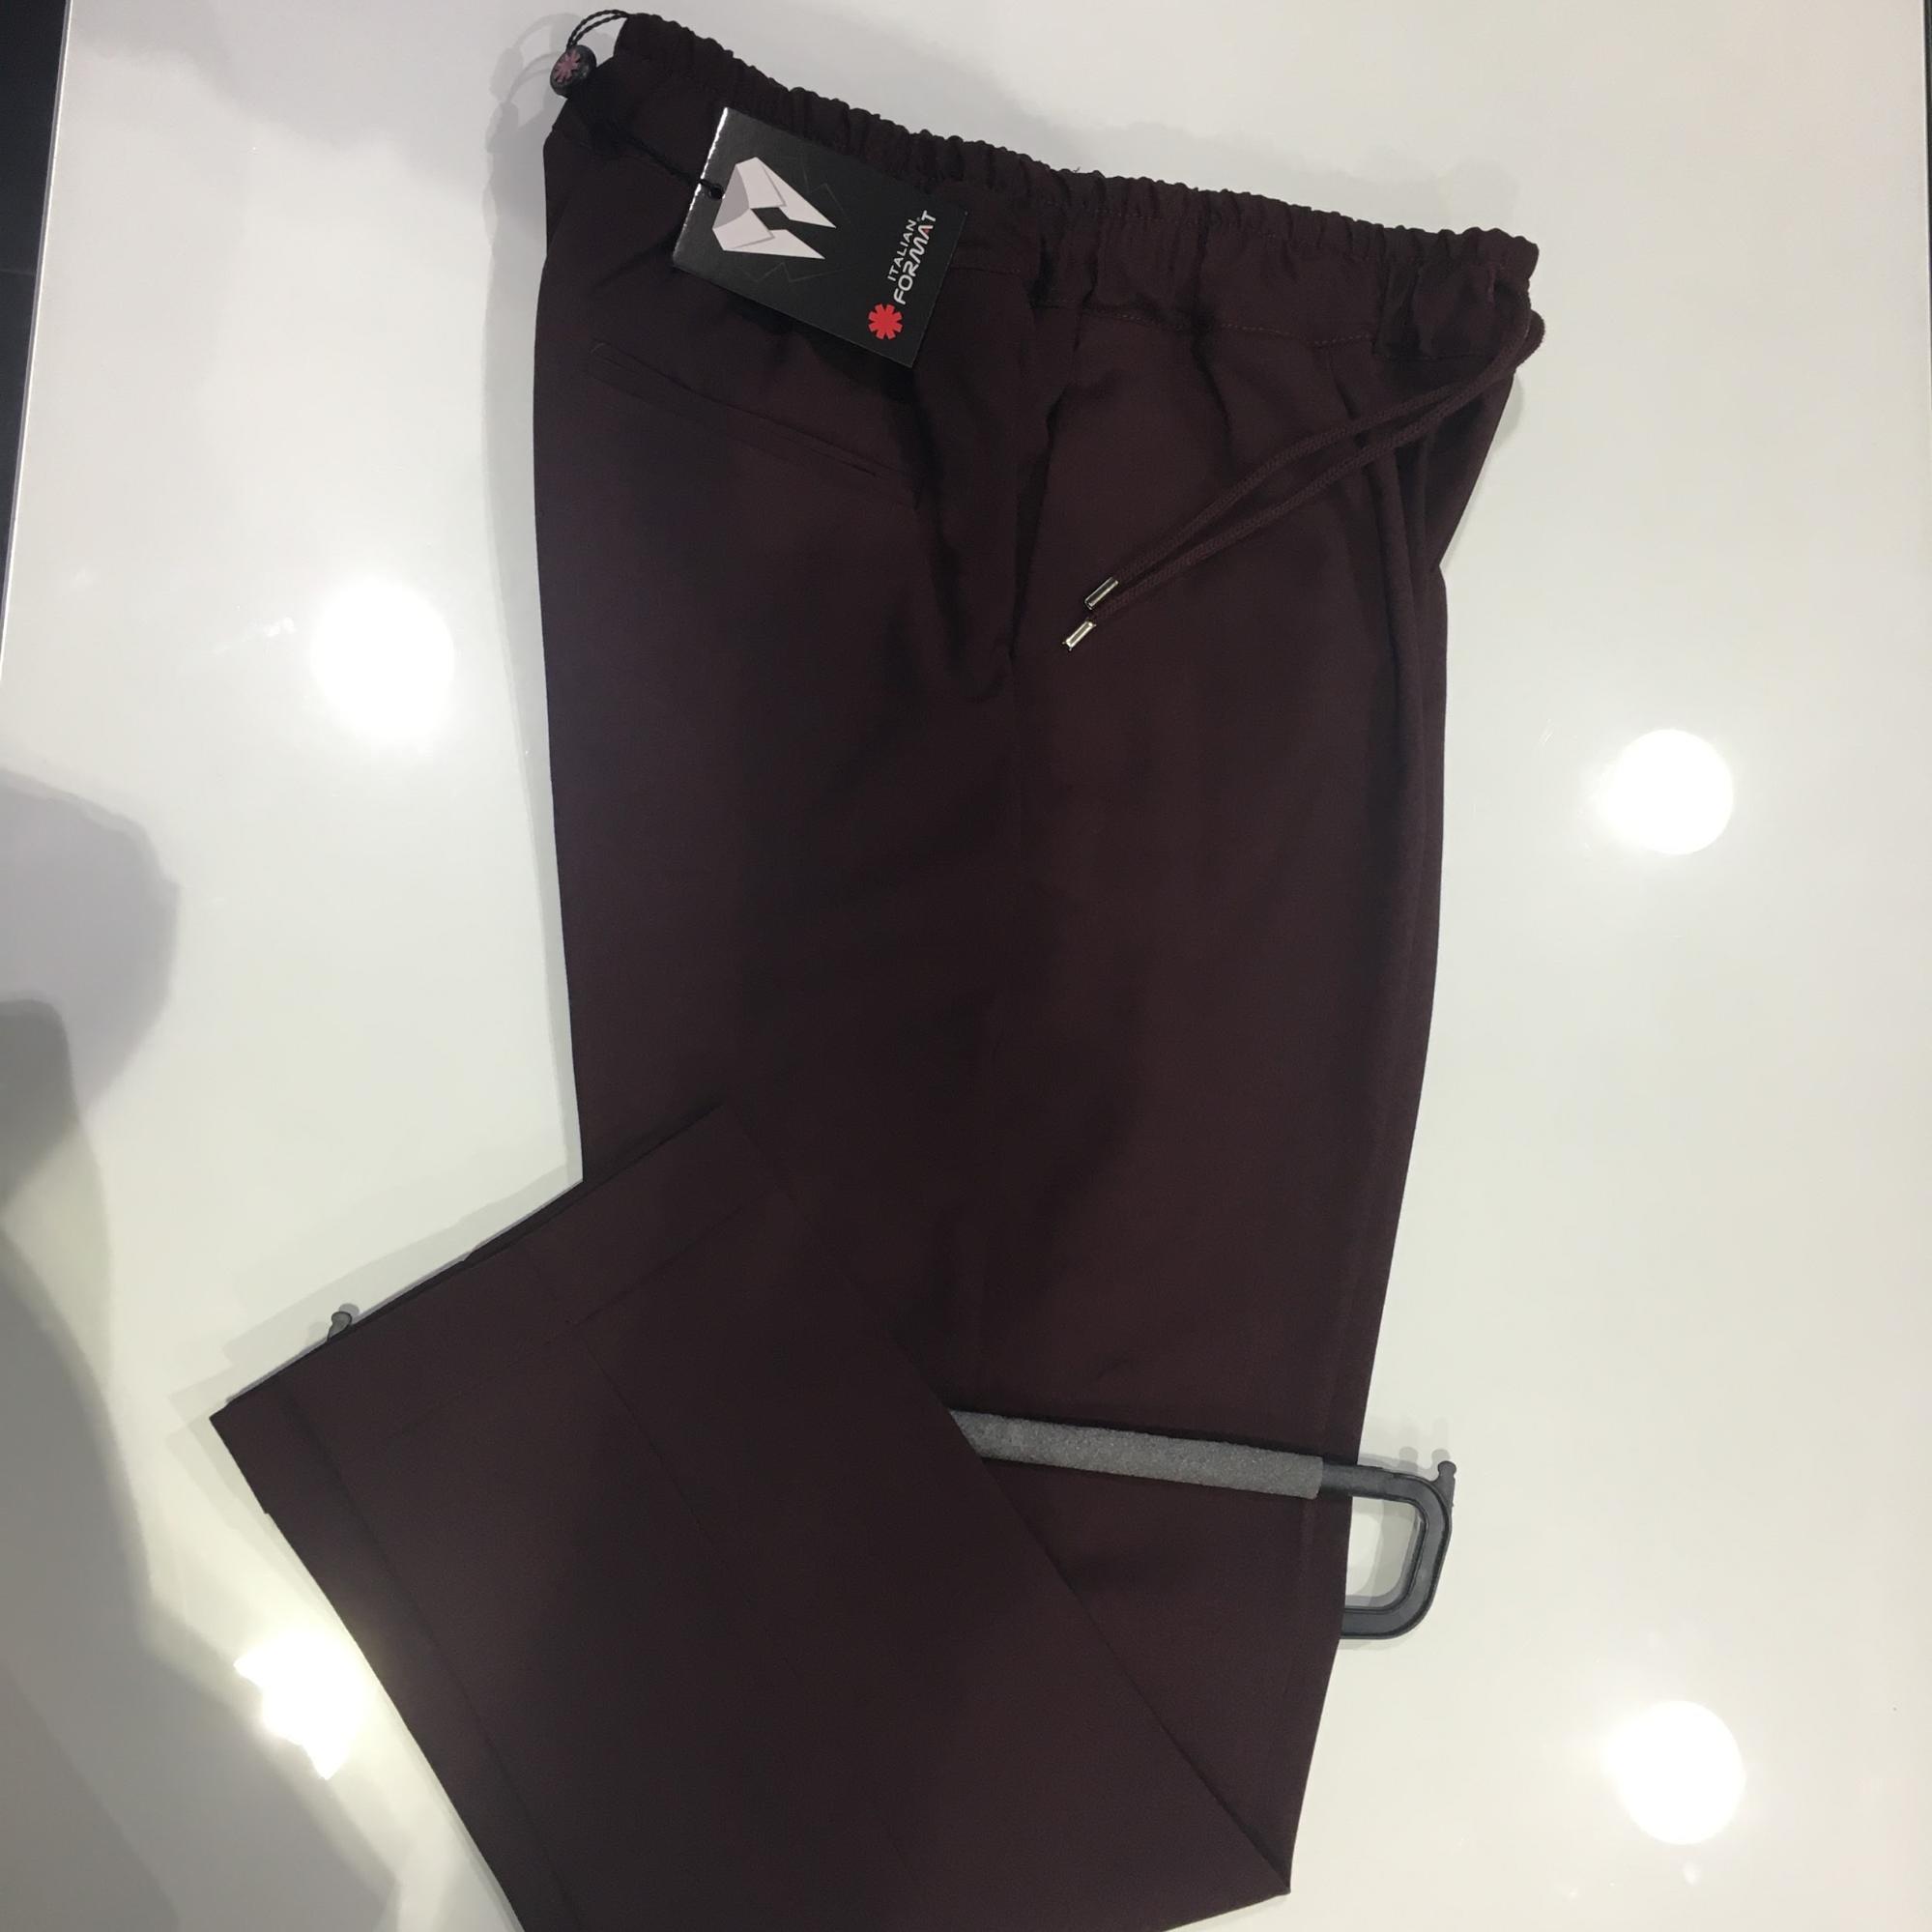 Pantalone con elastico uomo bordeaux misto lino e viscosa